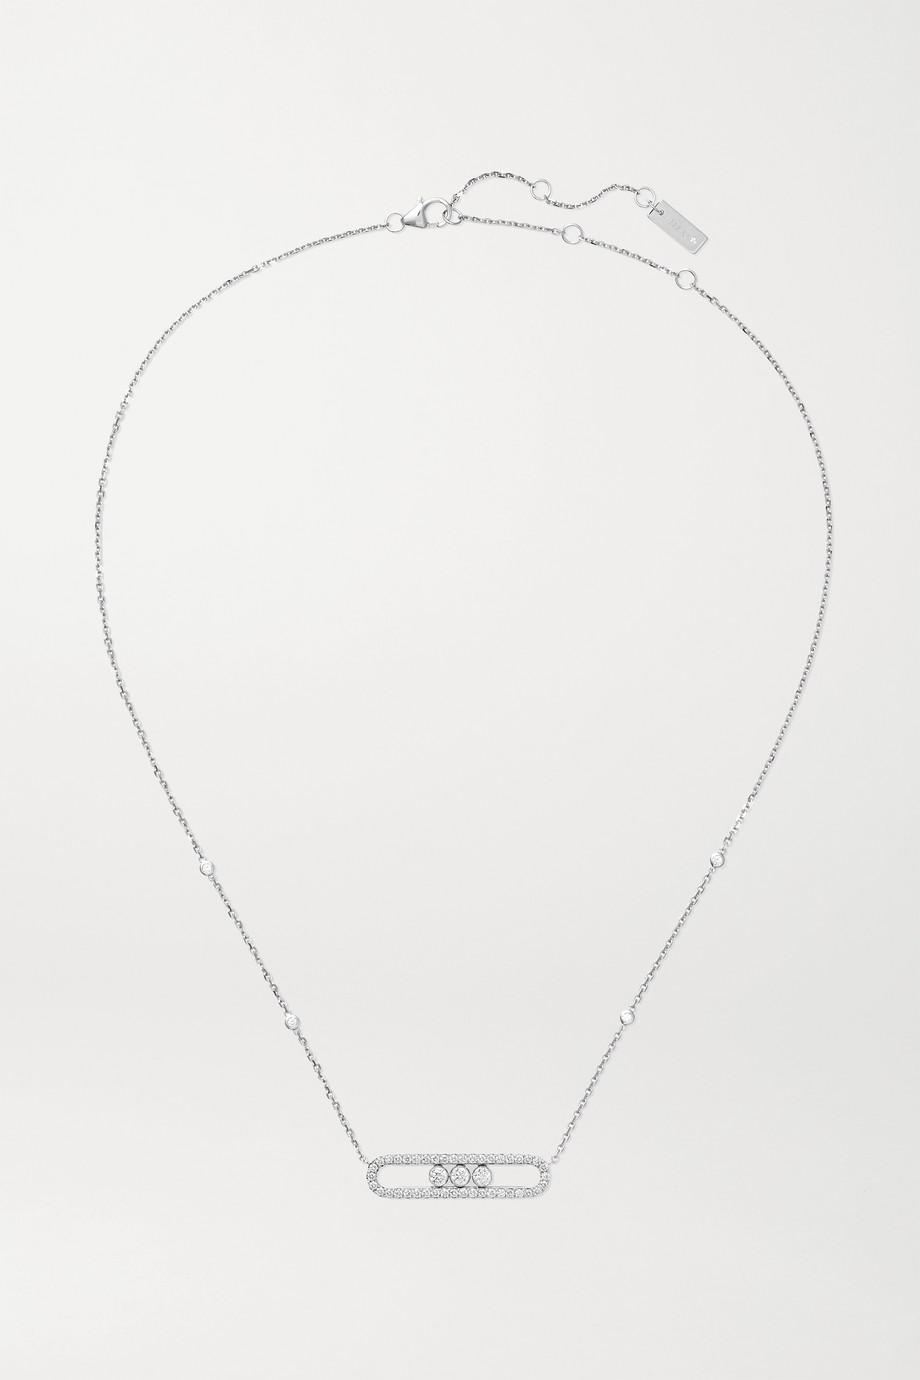 Messika Move Kette aus 18 Karat Weißgold mit Diamanten